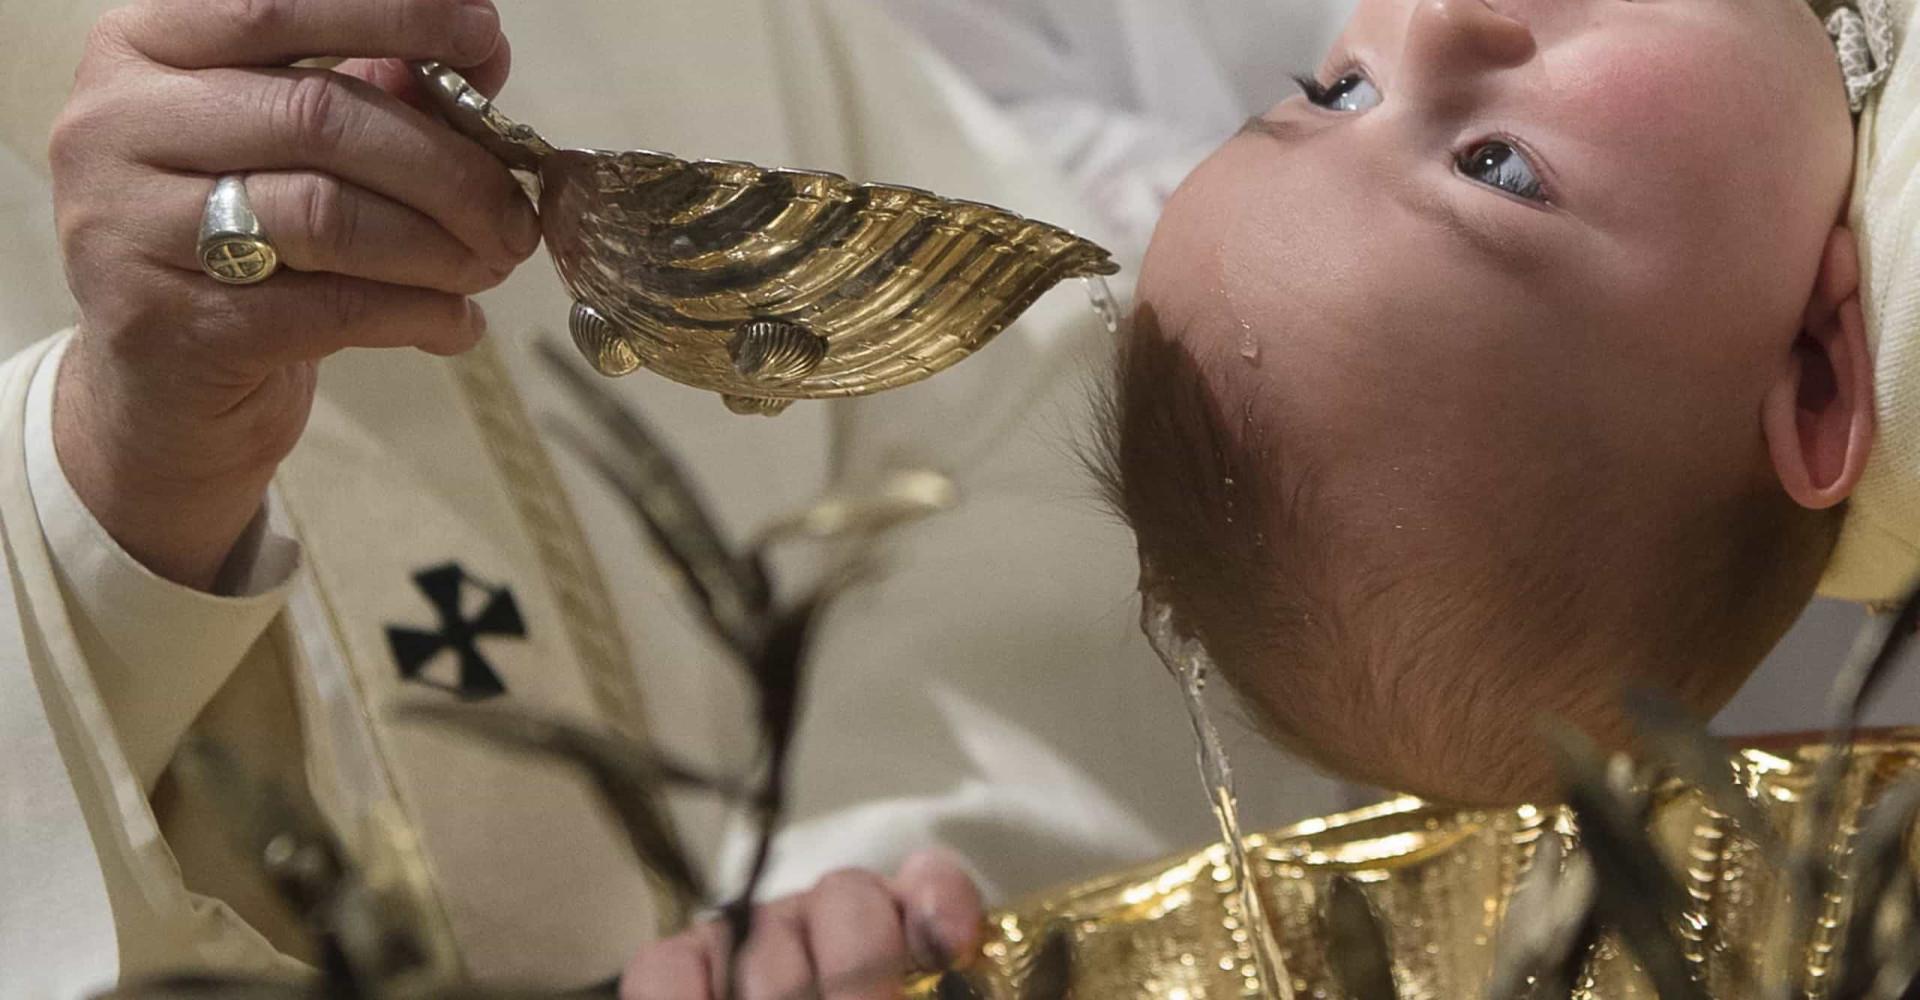 Des baptêmes dans toute leur splendeur